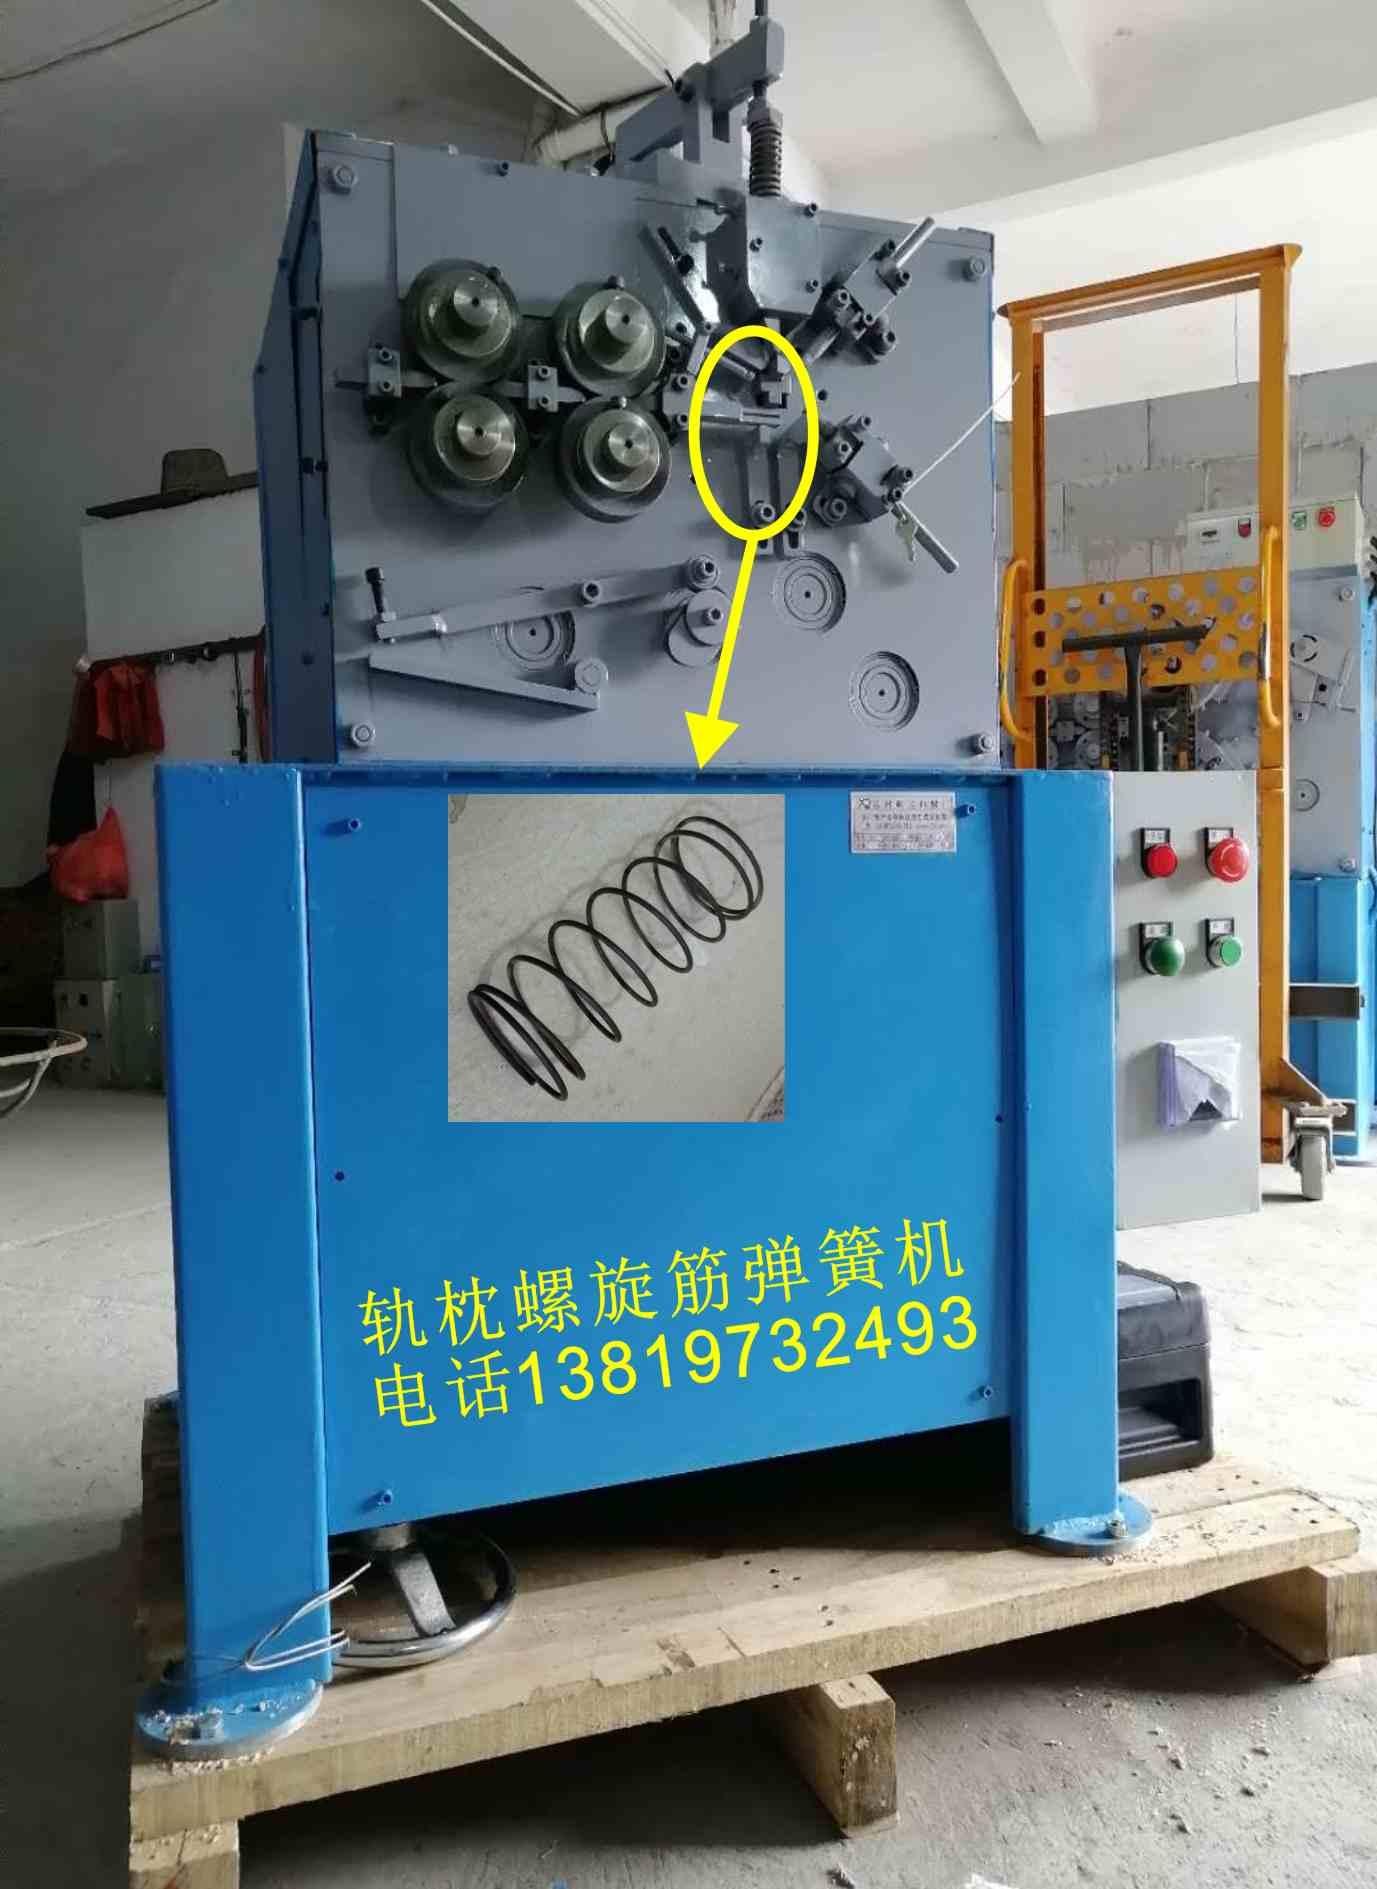 渝昆鐵路螺旋筋彈簧機生產廠家